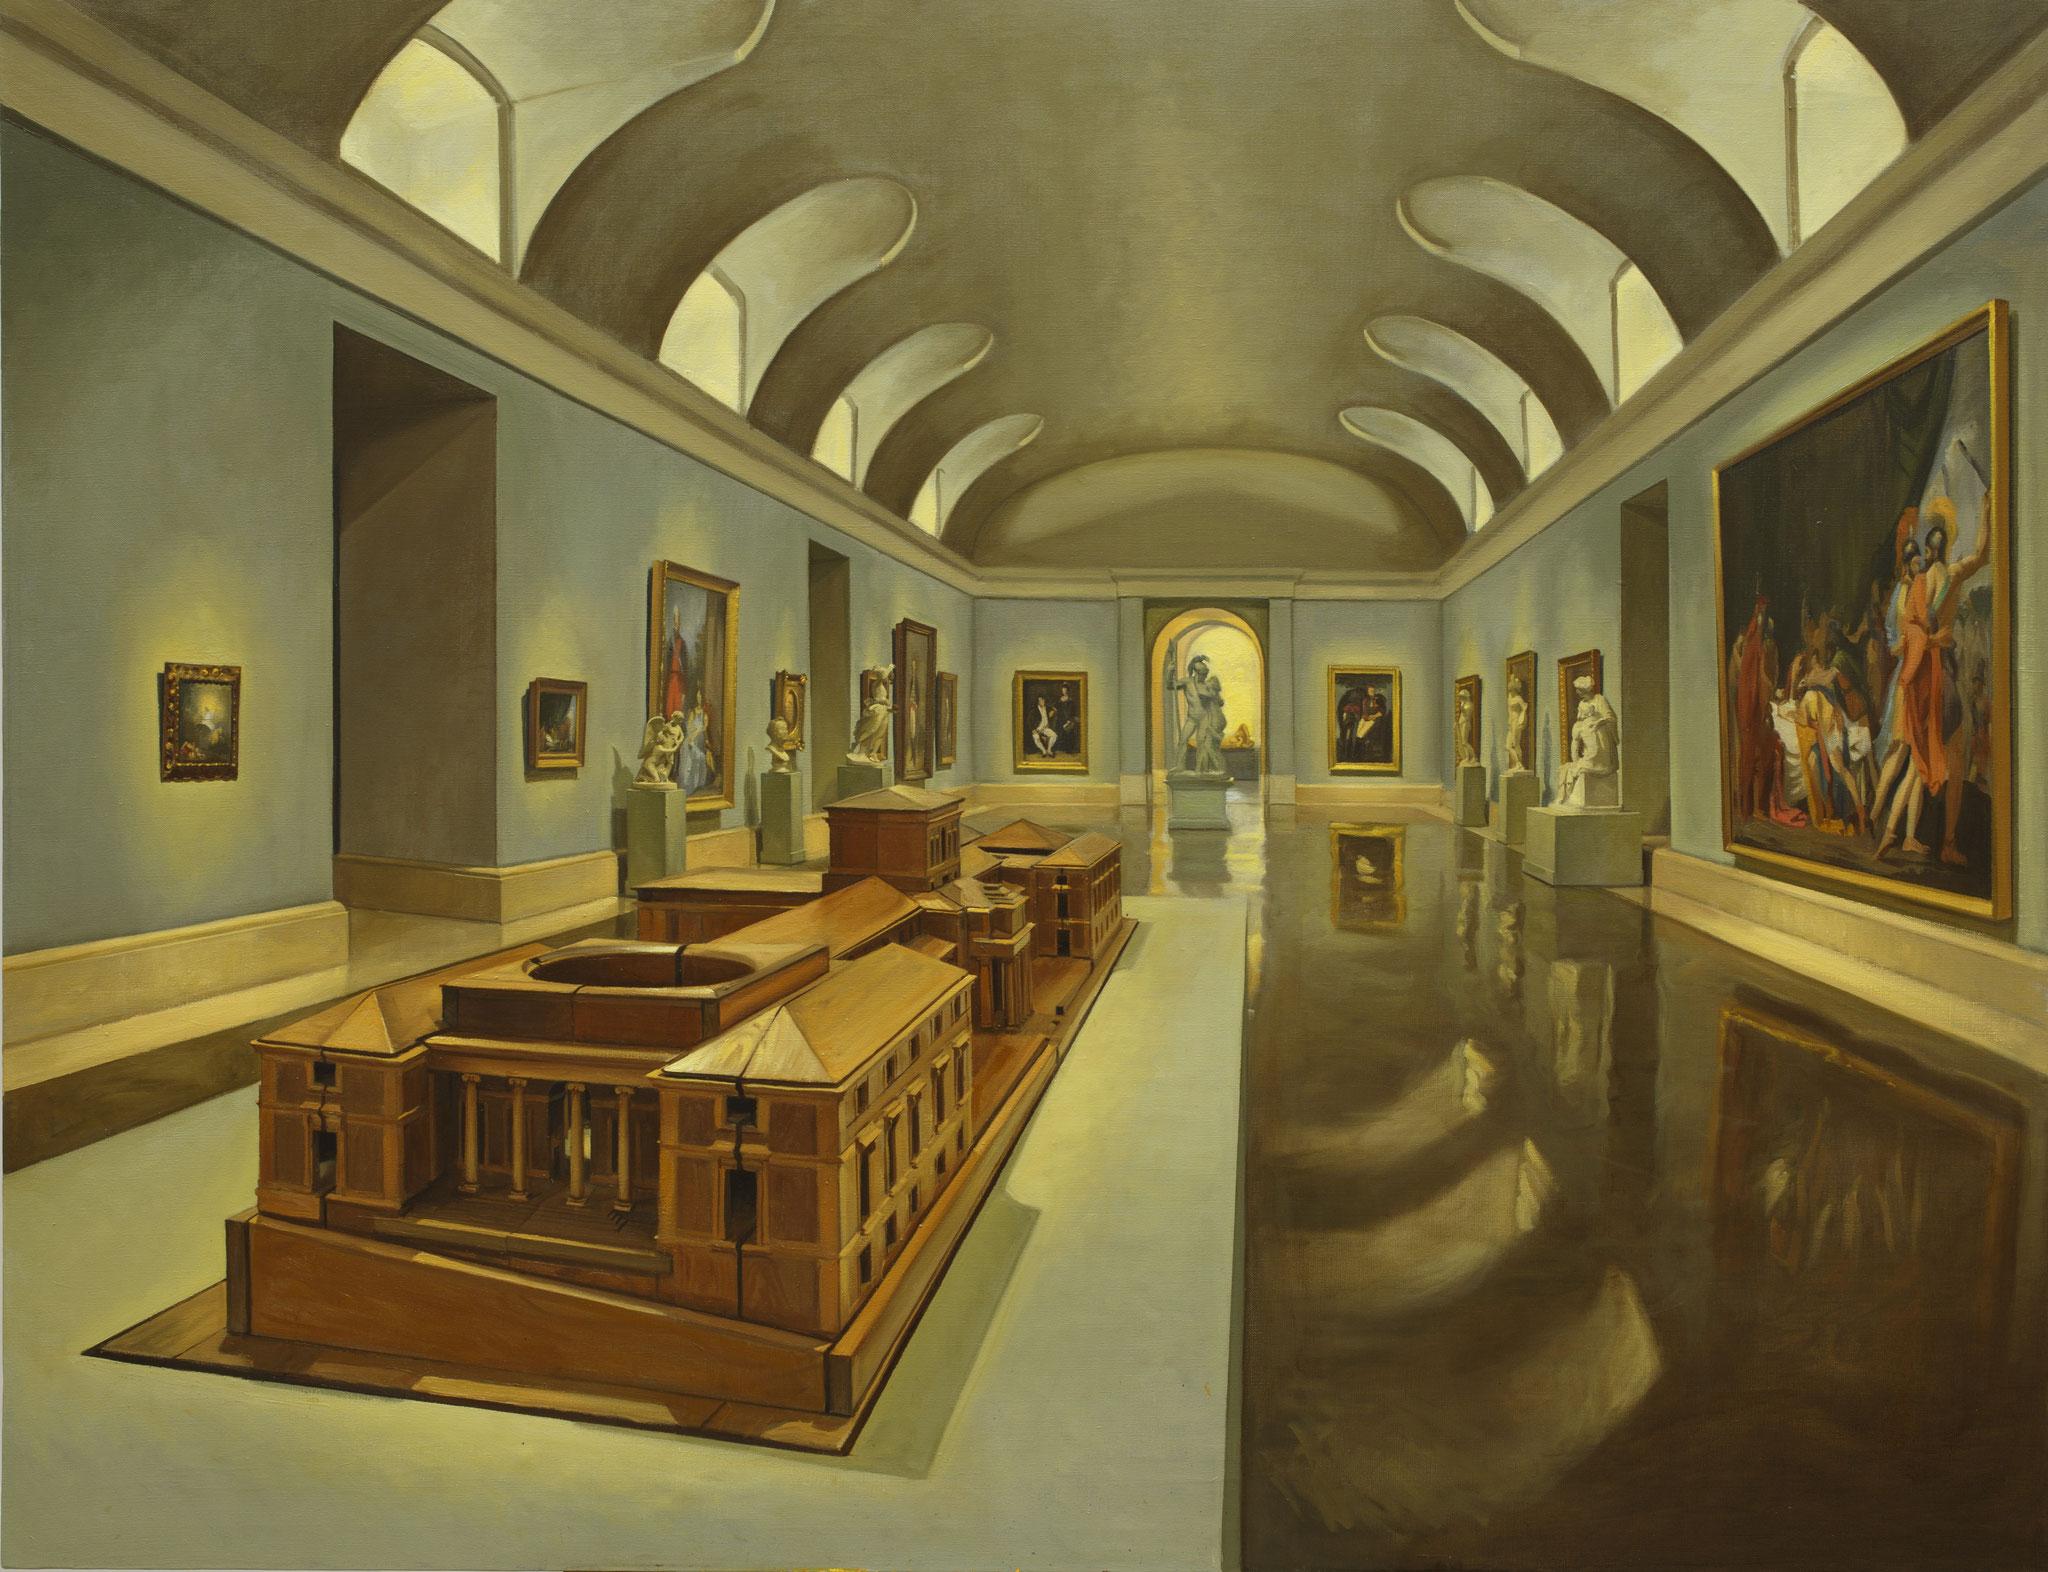 Vista de la sala del Museo del Prado, con el modelo de Villanueva. Óleo sobre lienzo, 100 x 130 cm.